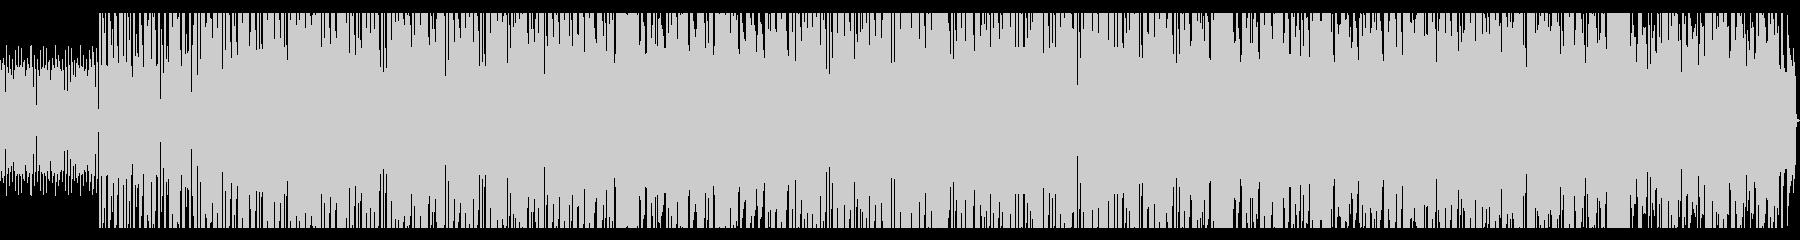 シンセが印象的なドライブをイメージした曲の未再生の波形